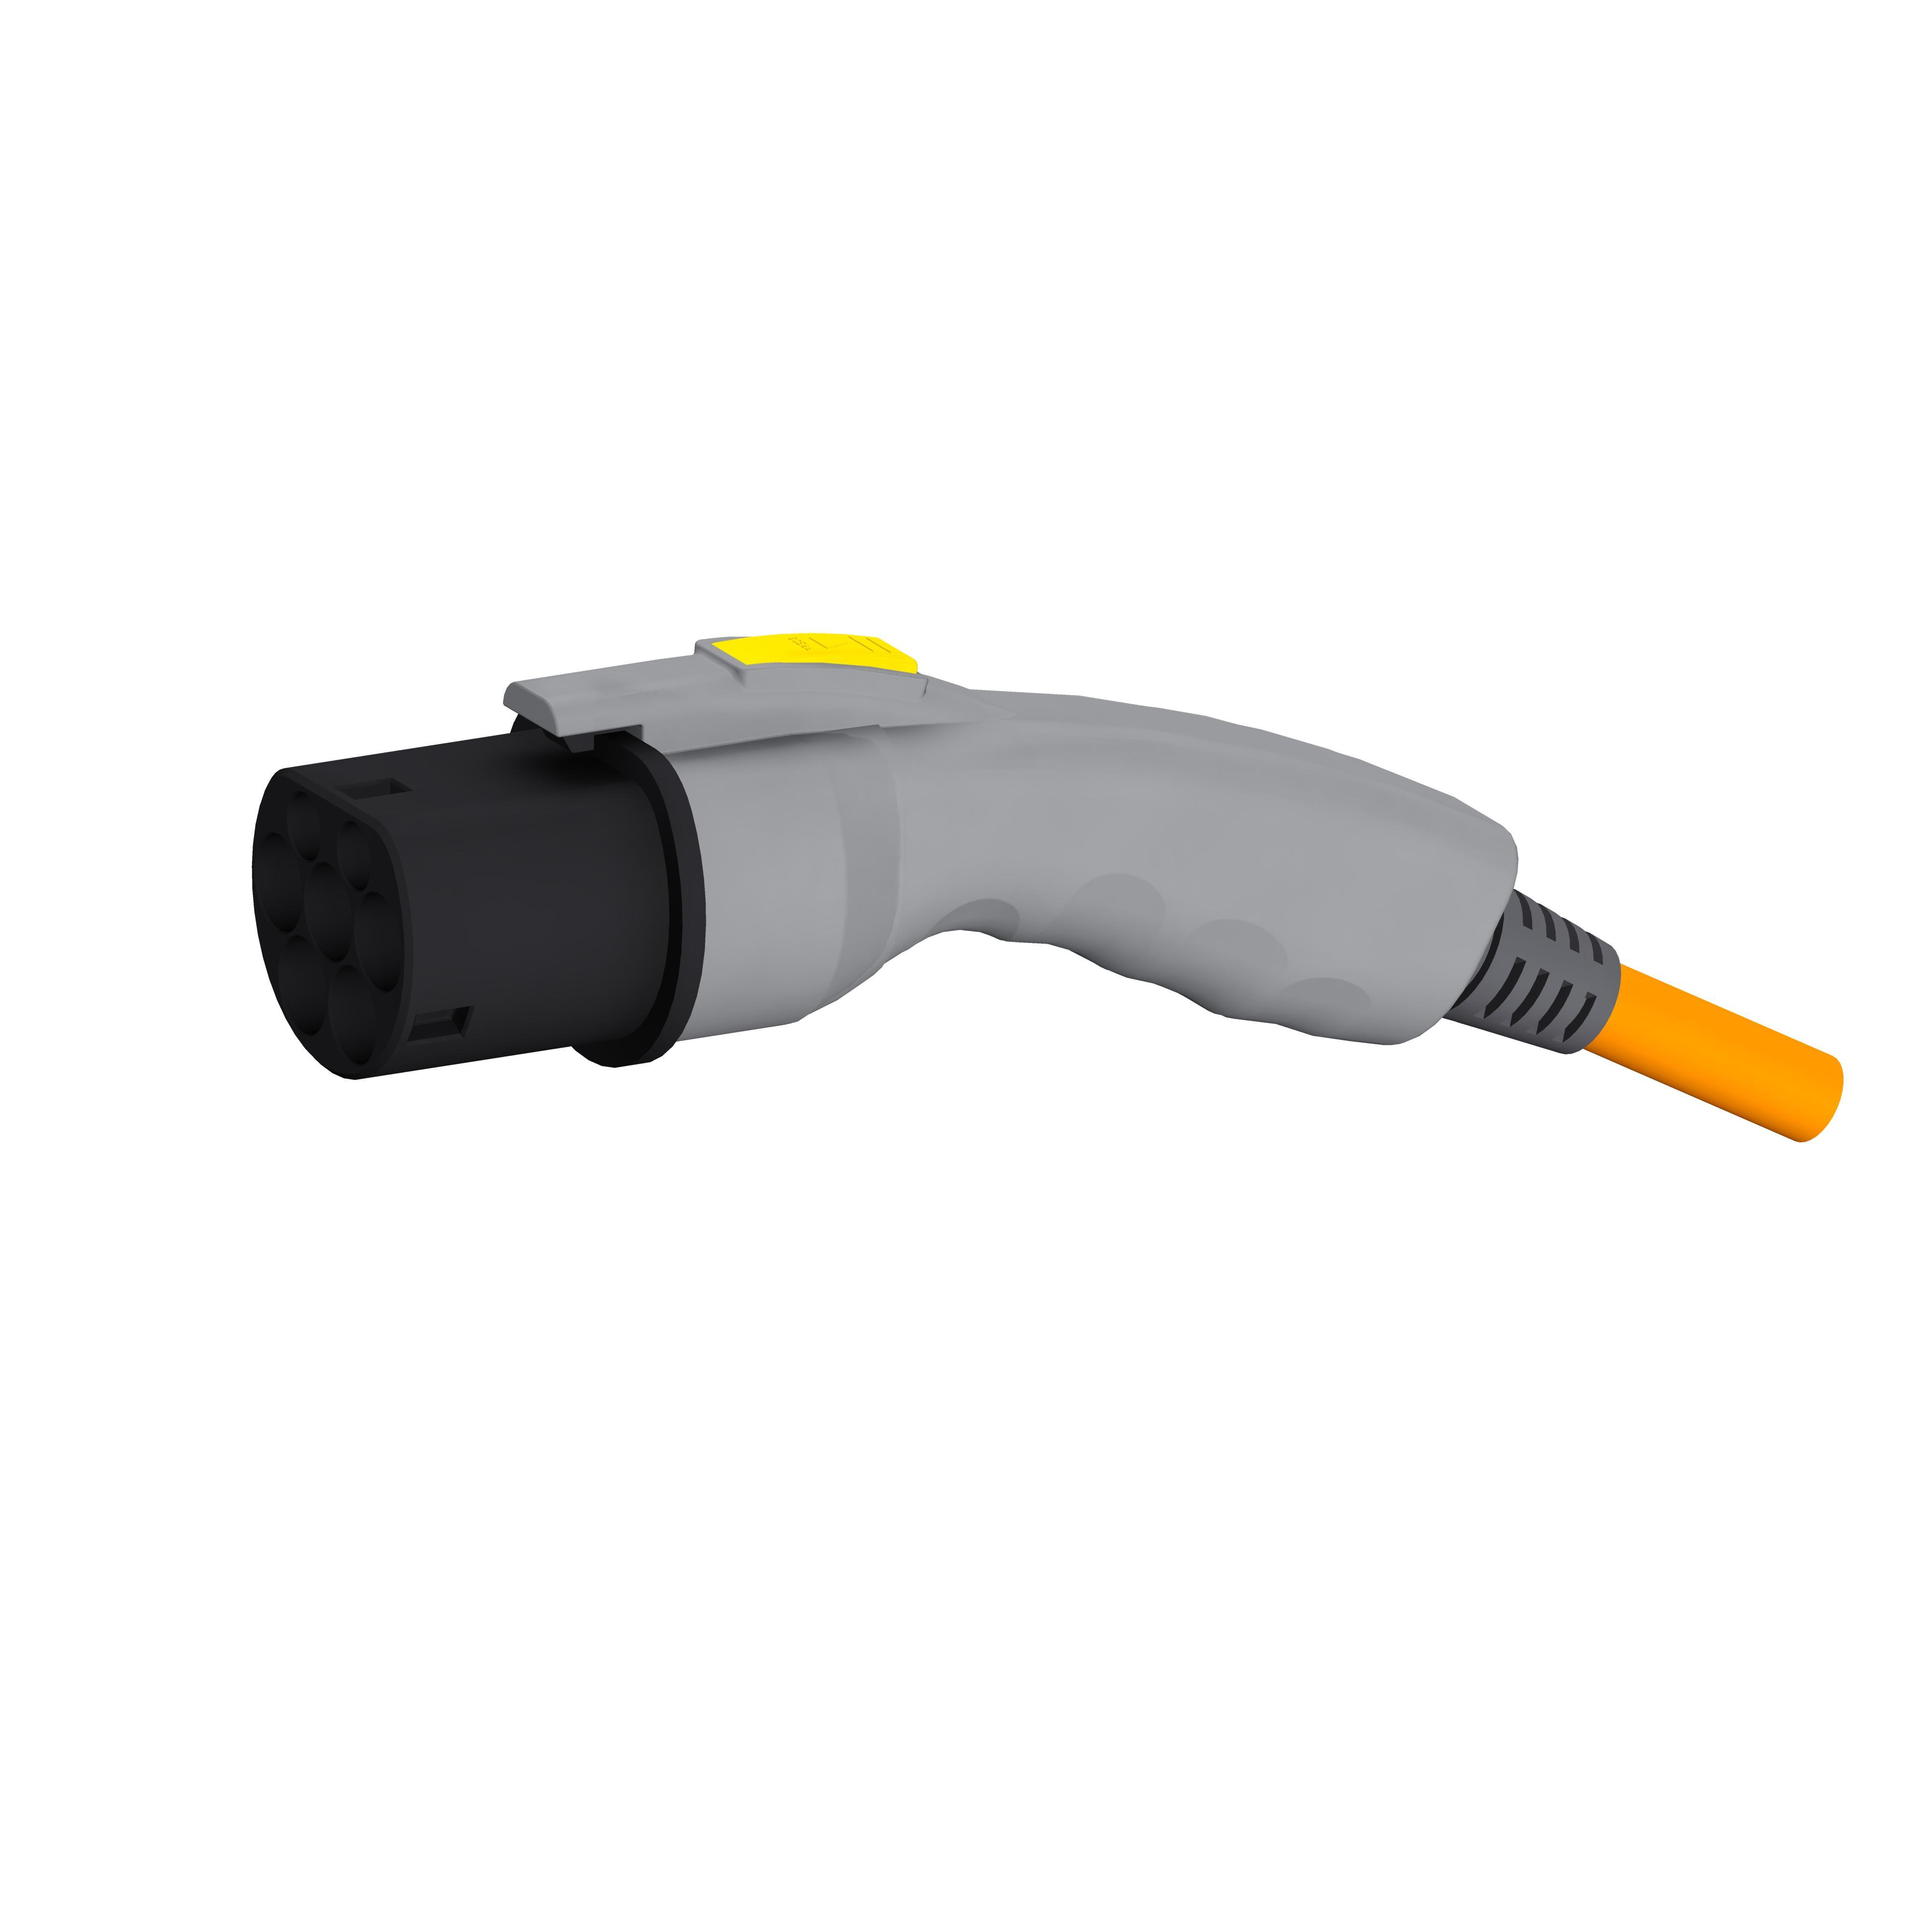 百方网 产品中心 充电器 gb/t 电动汽车供电侧交流充电插头